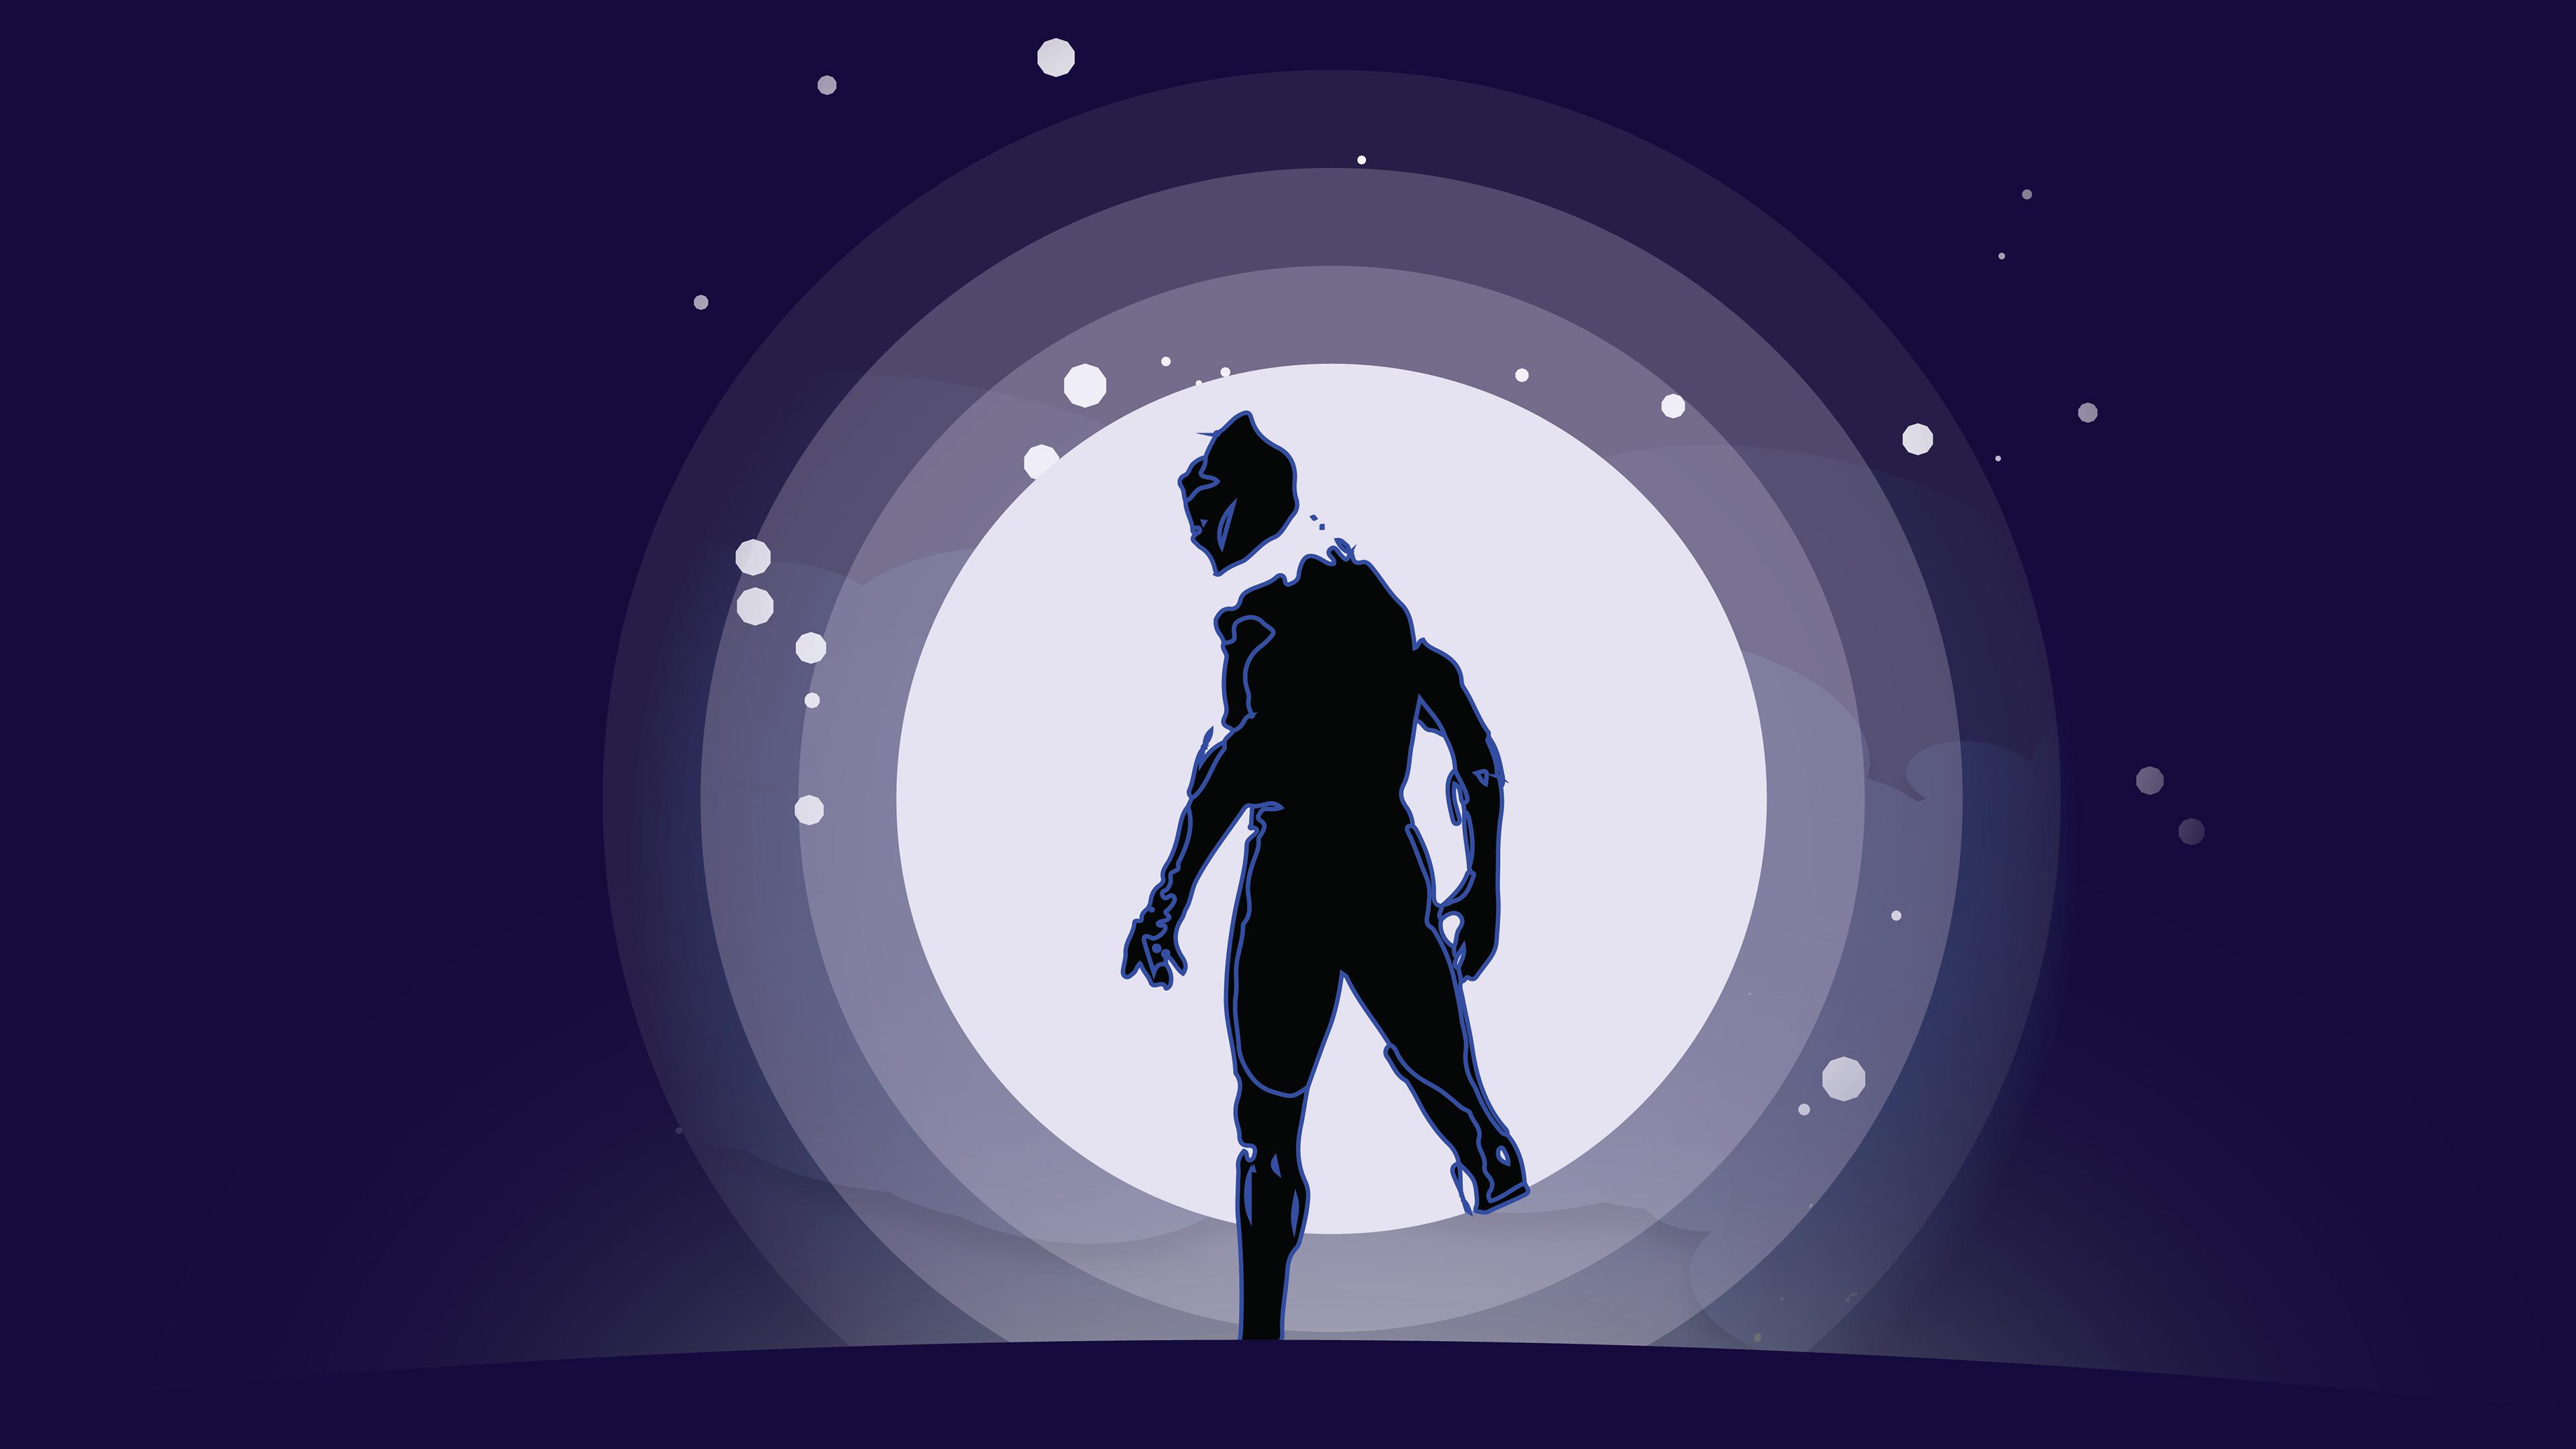 black panther artwork 4k 1545588596 - Black Panther Artwork 4k - superheroes wallpapers, hd-wallpapers, digital art wallpapers, black panther wallpapers, behance wallpapers, artwork wallpapers, artist wallpapers, 4k-wallpapers